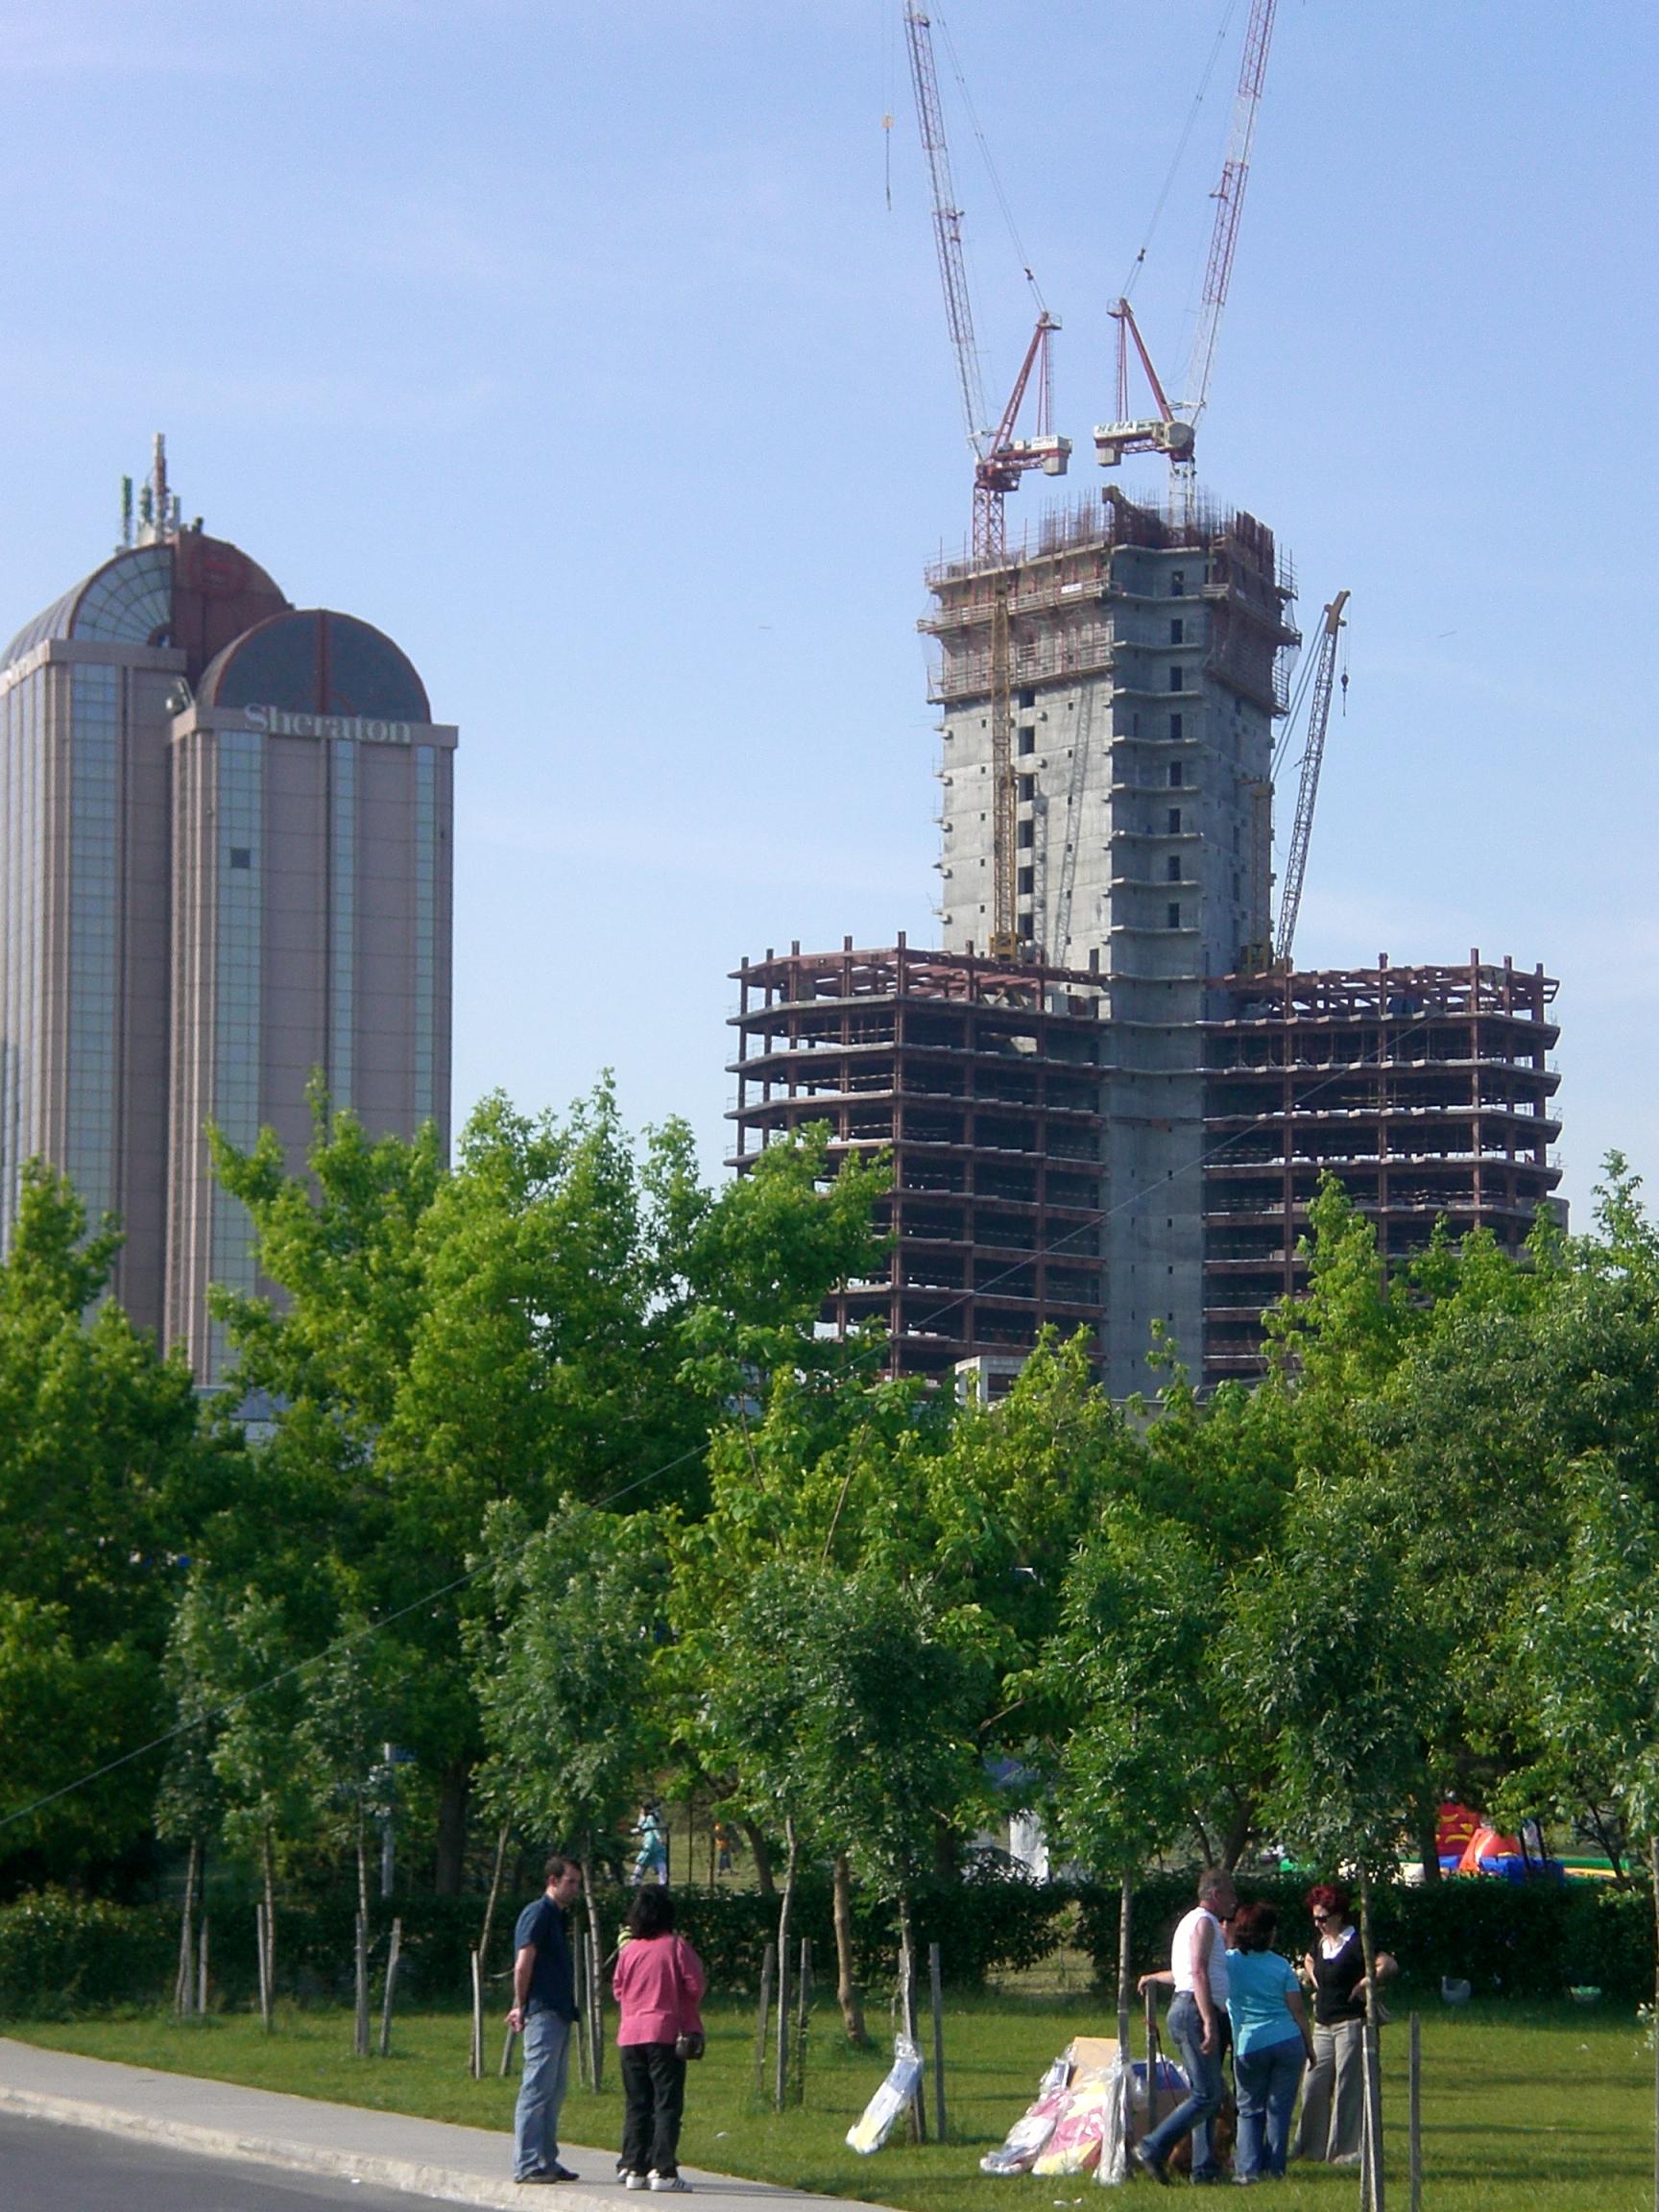 İBB, Fatih ve Belgrad Ormanı'nı kuşatan beton kulelerden birine daha ruhsat verdi!